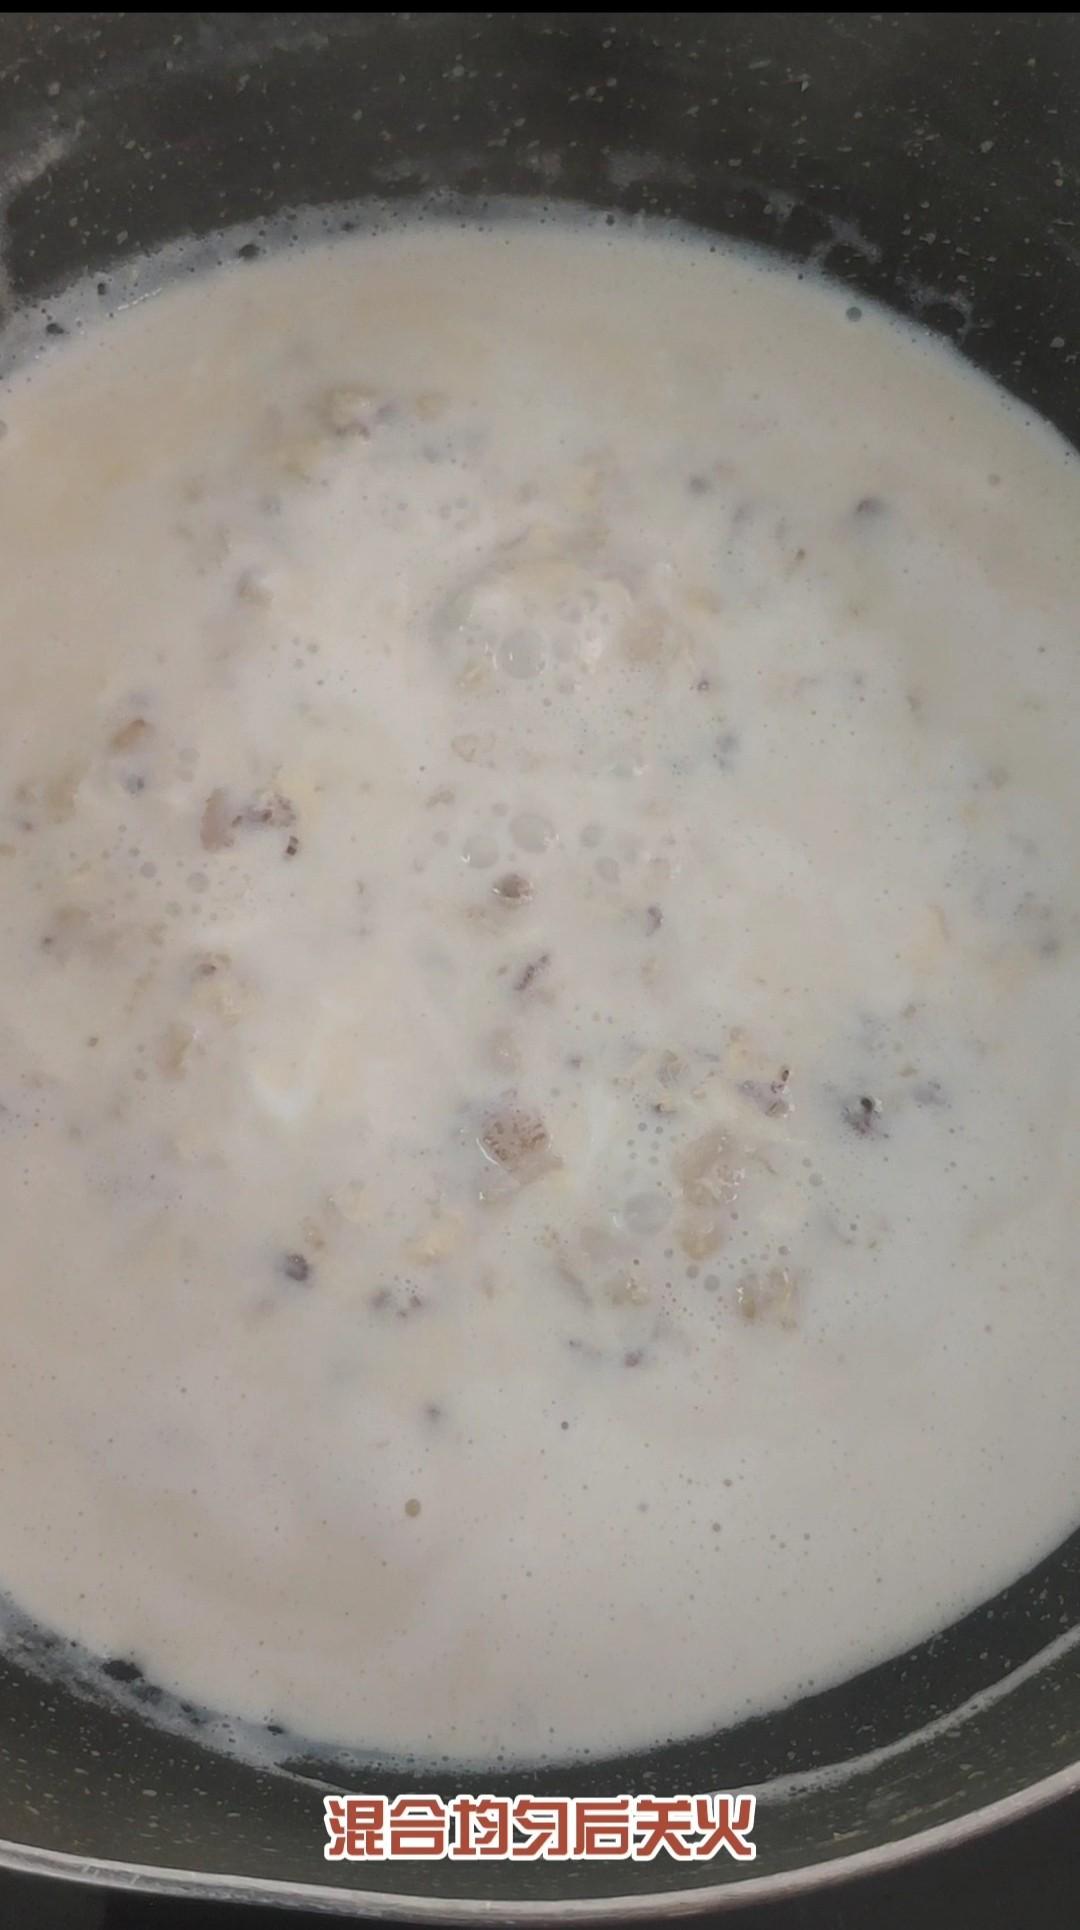 鸡蛋燕麦粥怎么炒